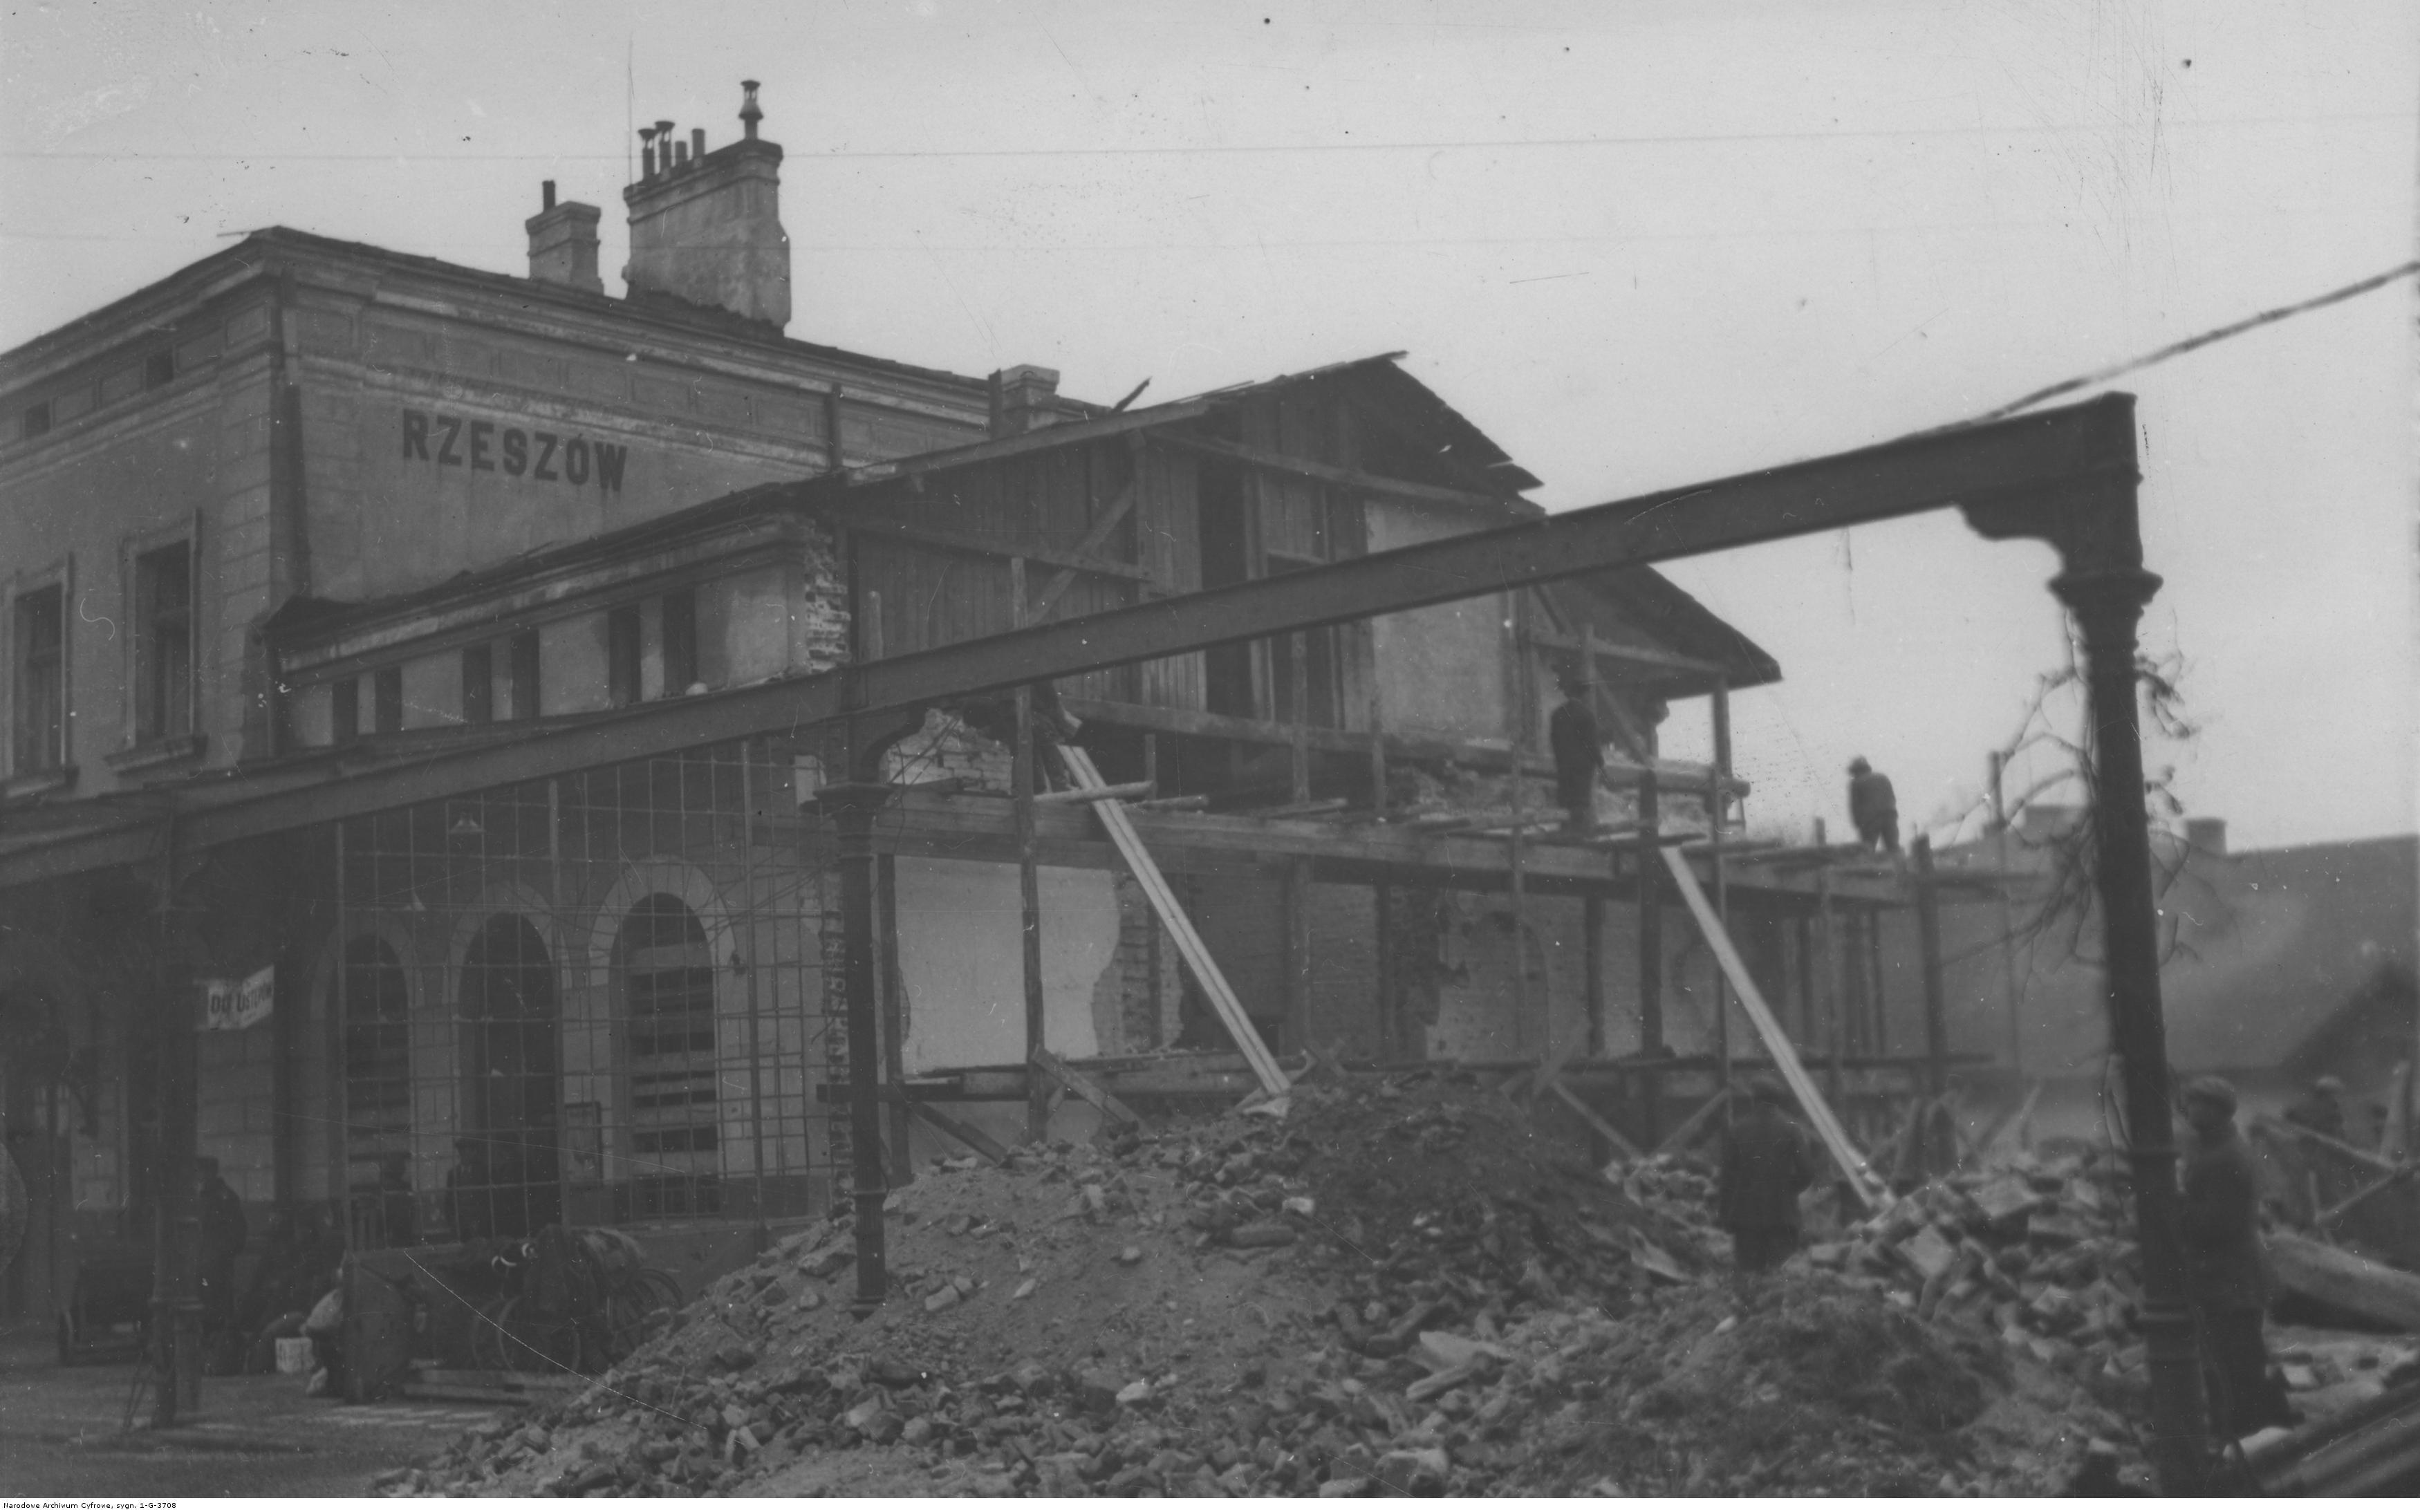 Dworzec kolejowy w Rzeszowie, budynek częściowo zniszczony podczas pierwszej wojny światowej, rok 1914-1918